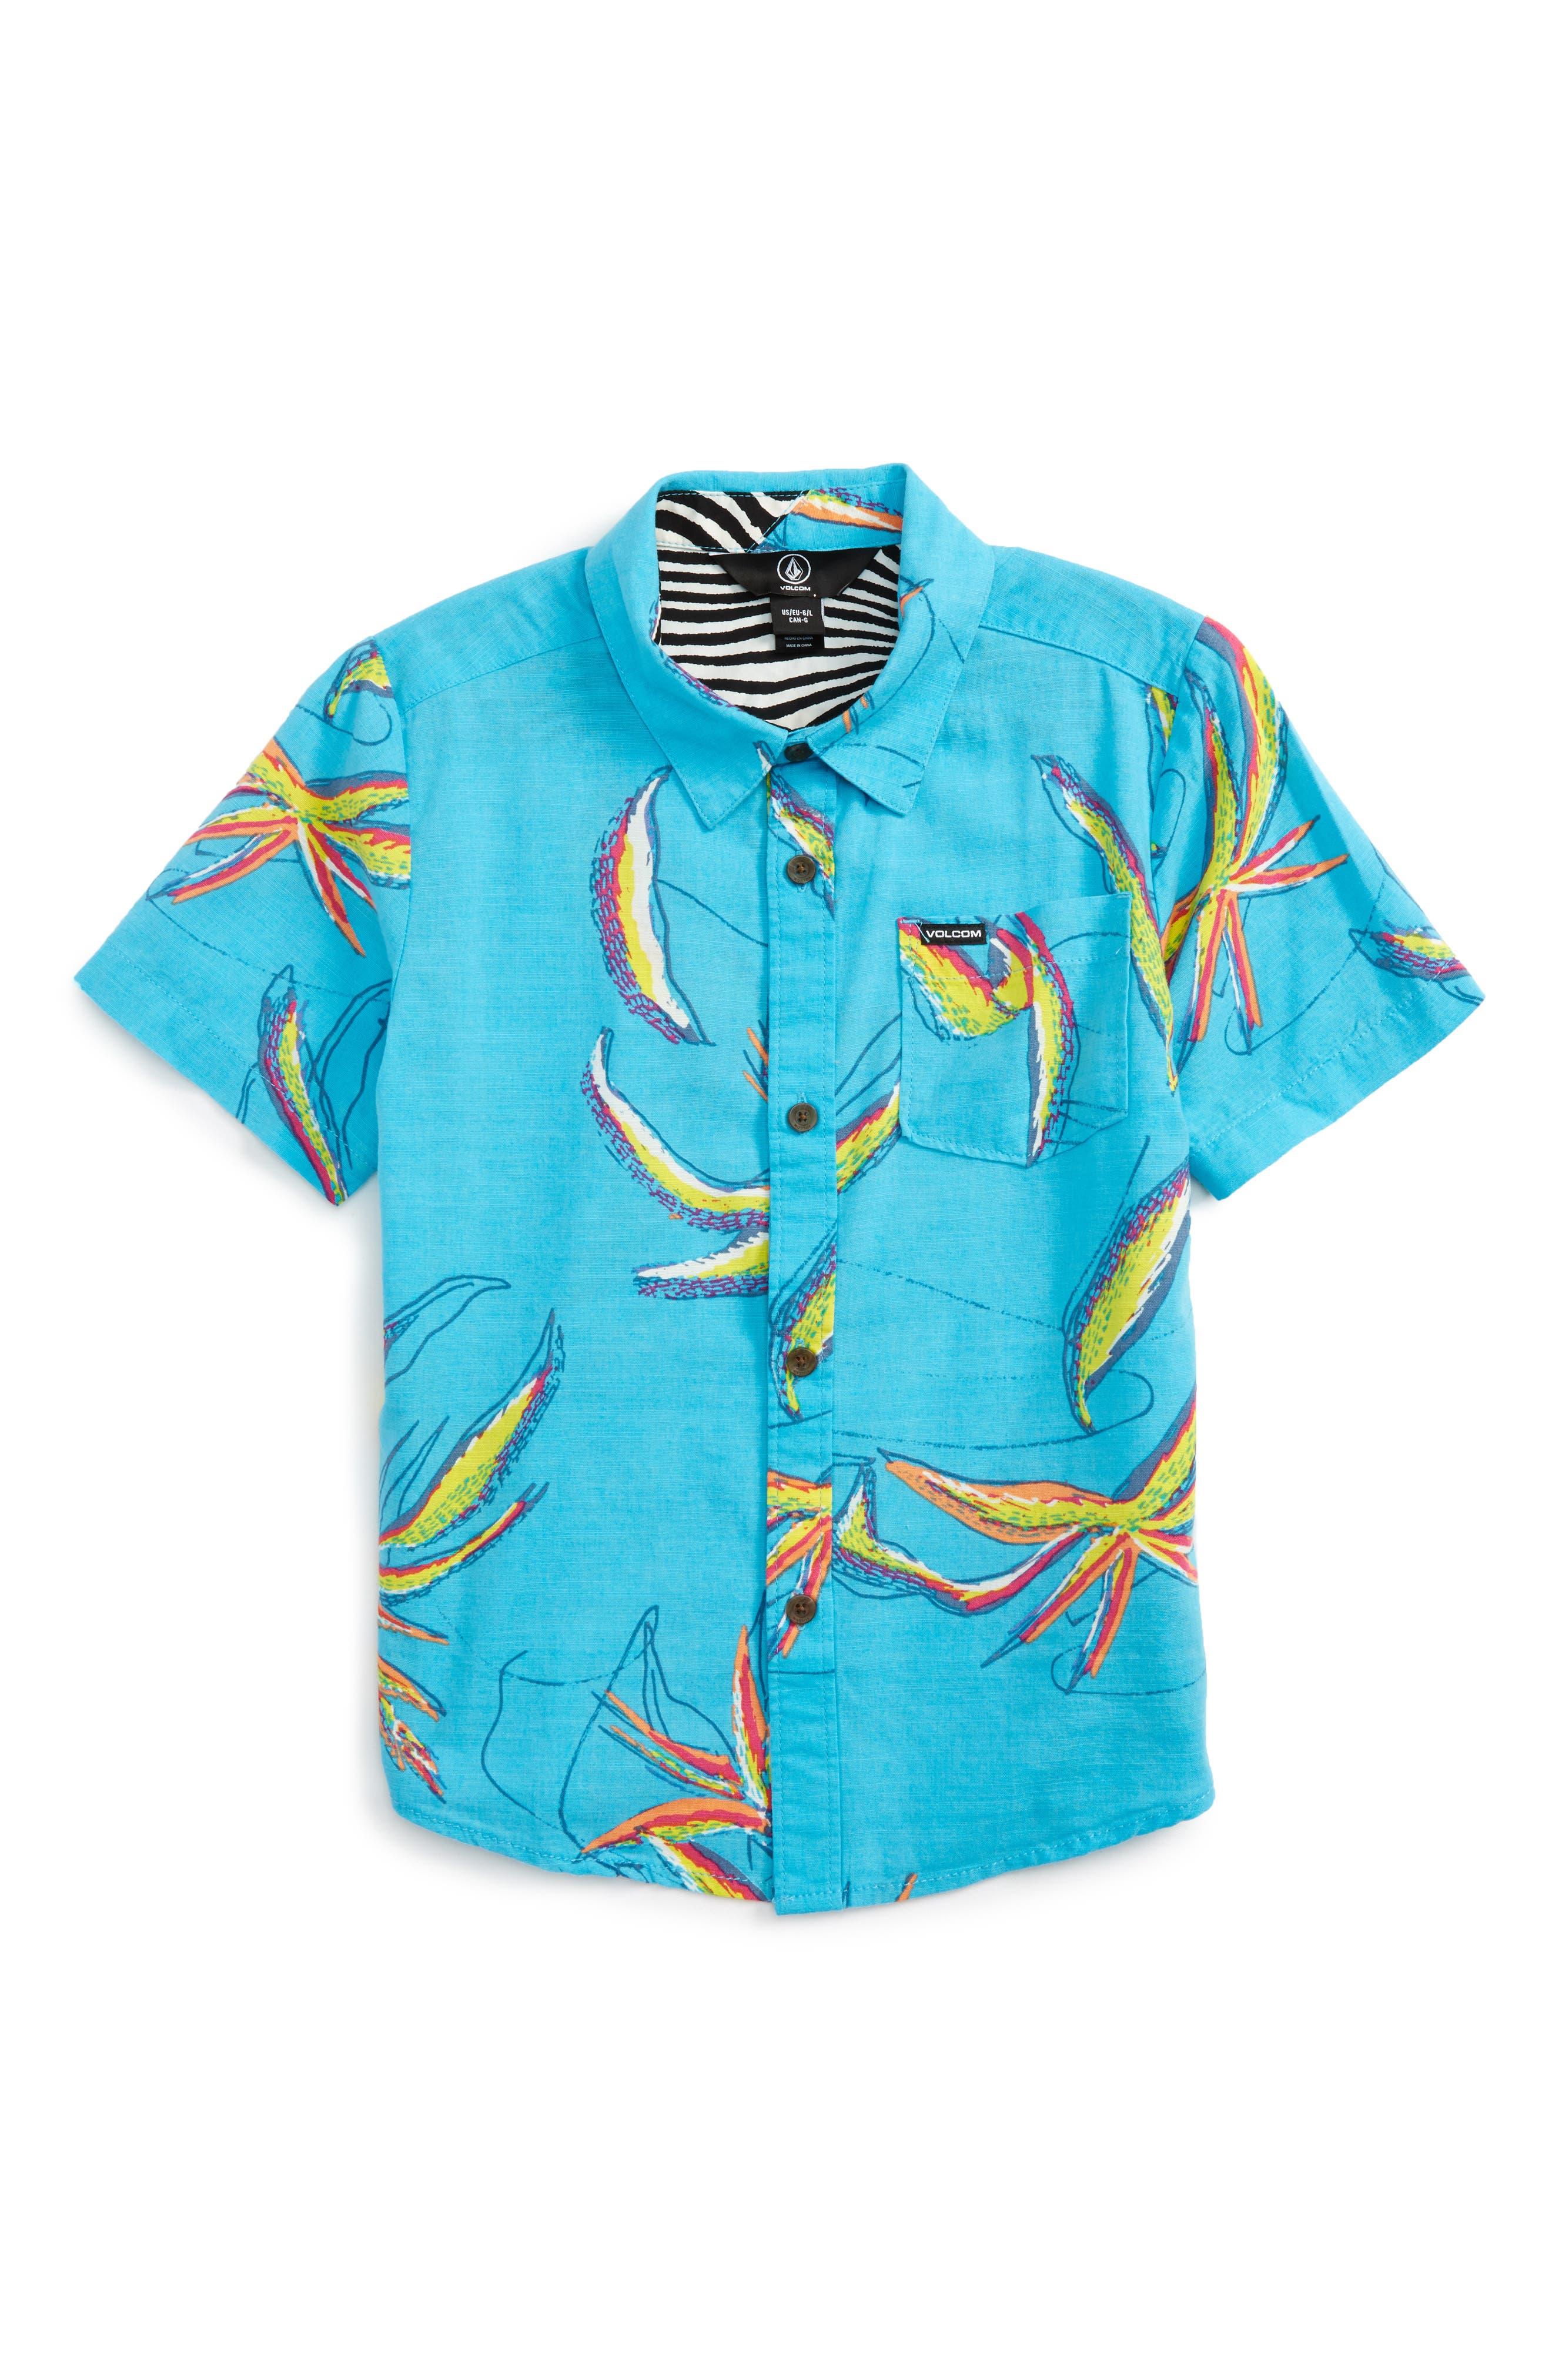 Volcom Motel Floral Short Sleeve Woven Shirt (Toddler Boys & Little Boys)